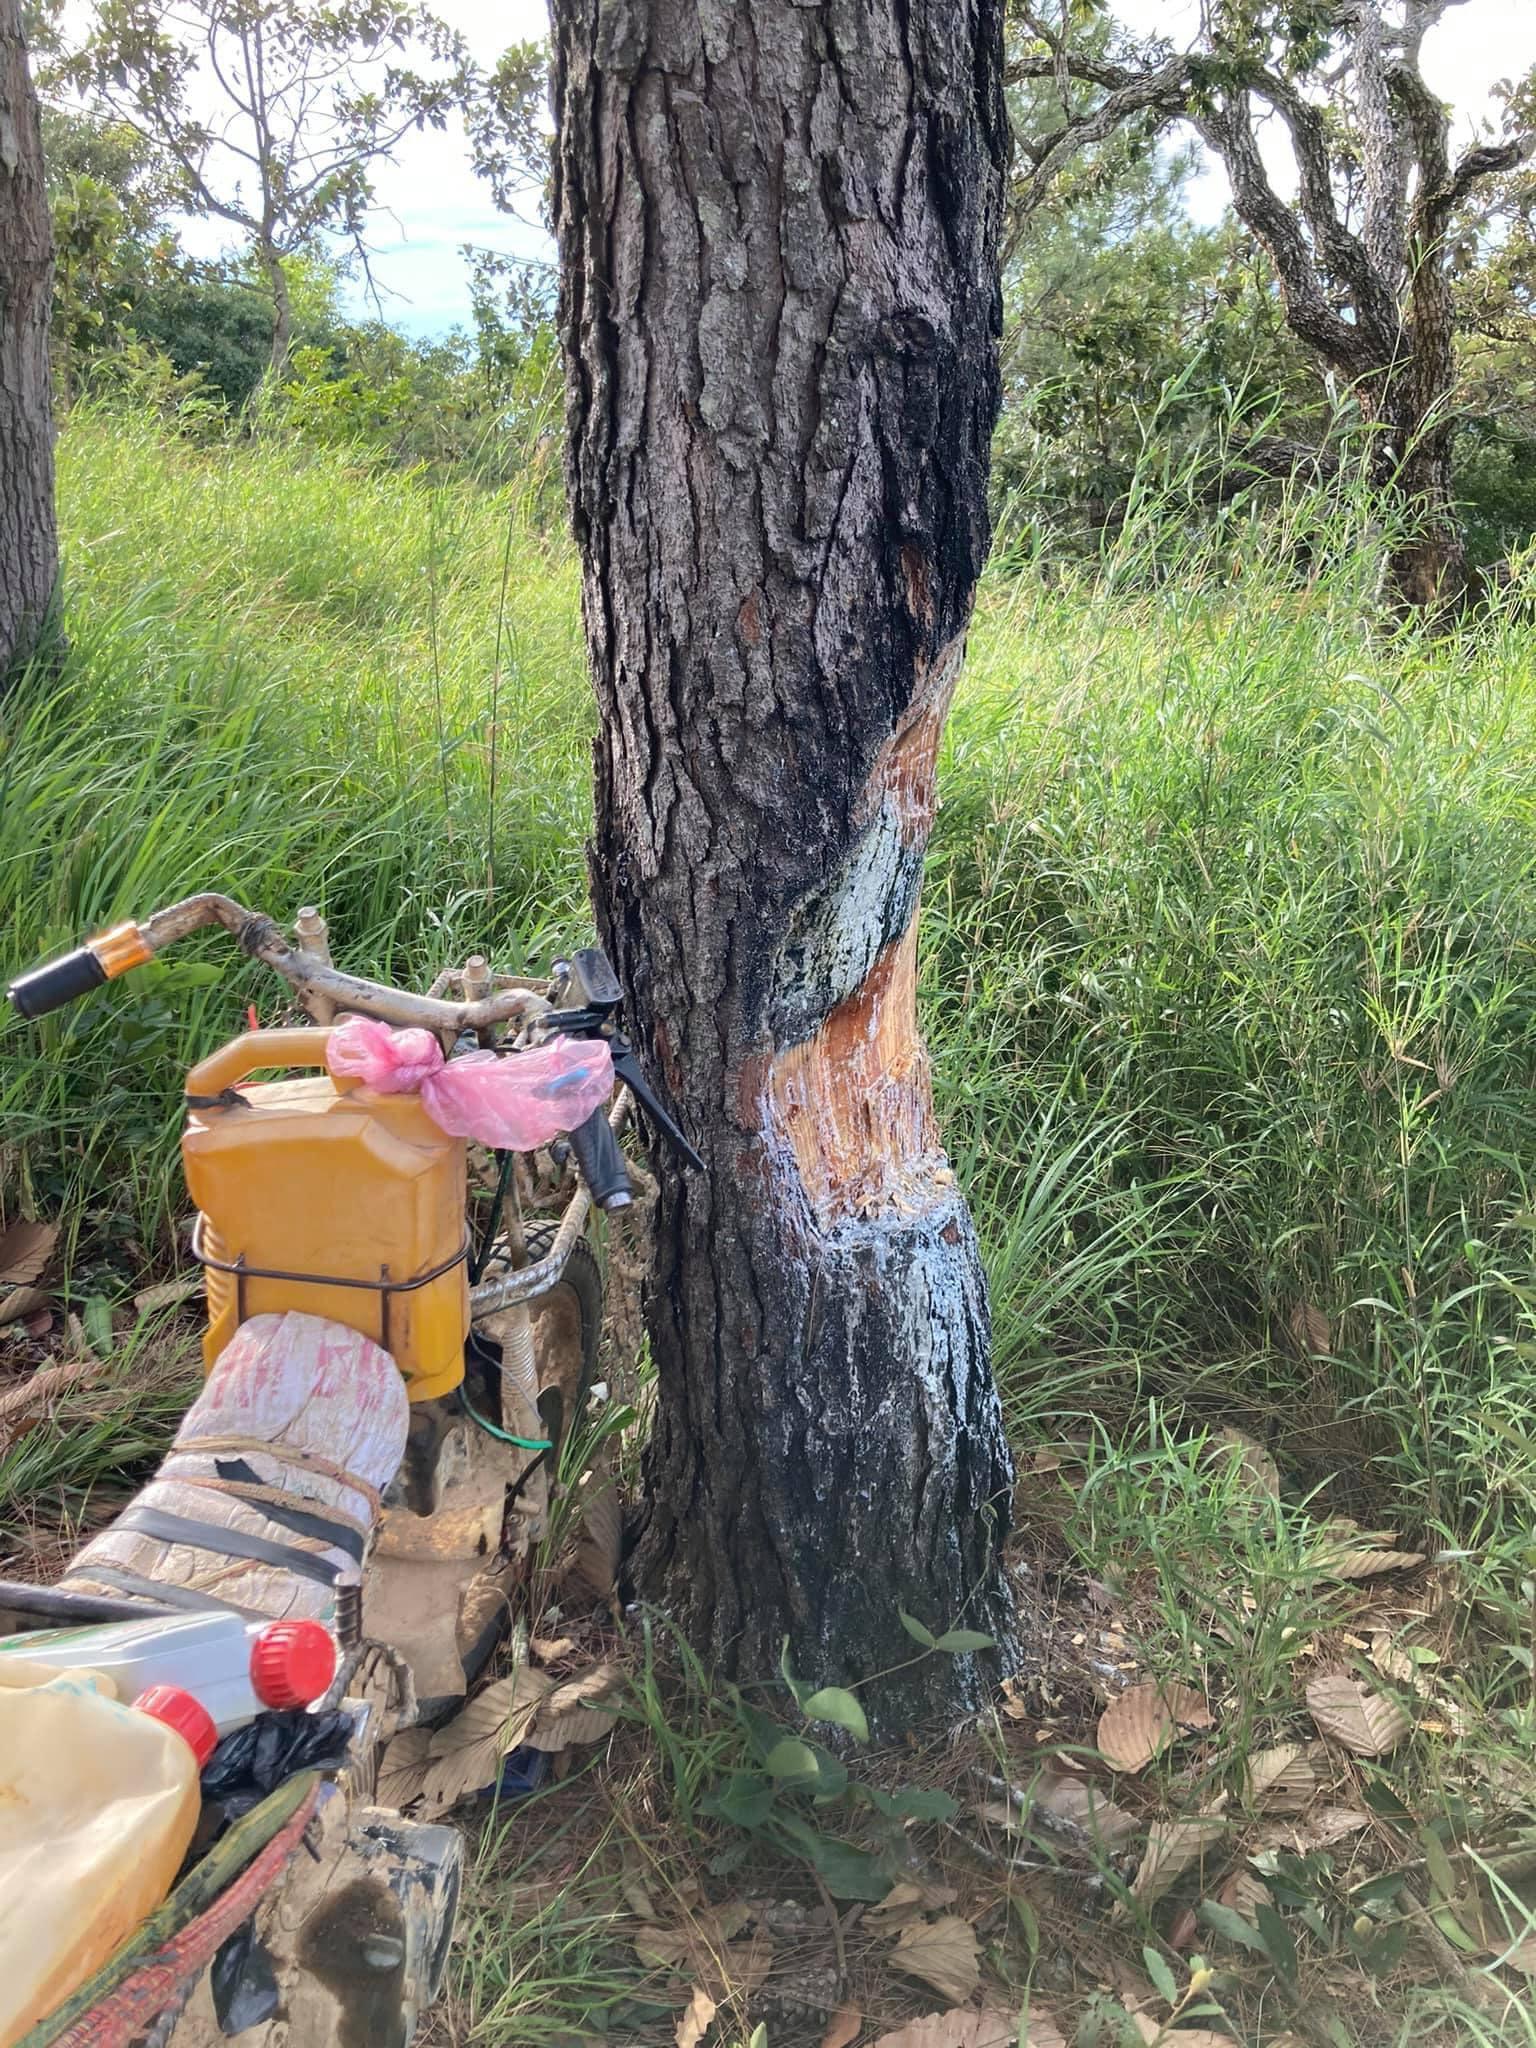 Cây thông bị phượt thủ xẻ thịt lấy nhựa nhóm lửa ở Tà Năng - Phan Dũng - 1